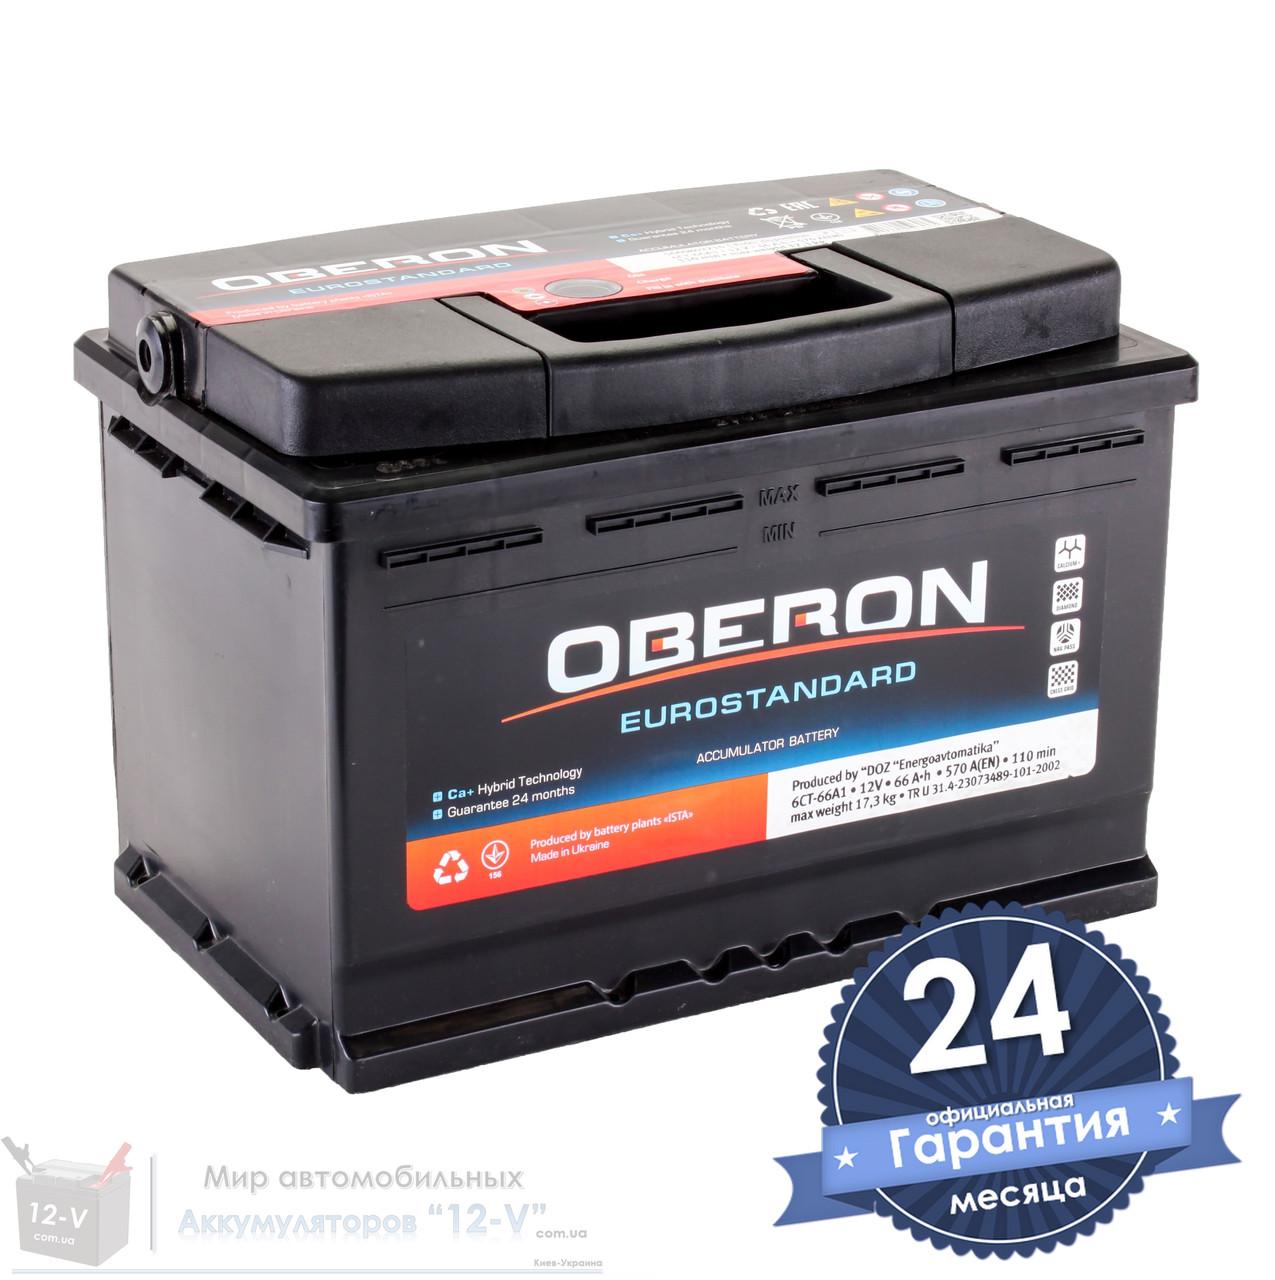 Аккумулятор автомобильный OBERON Eurostandard 6CT 66Ah, пусковой ток 570А [+|–]